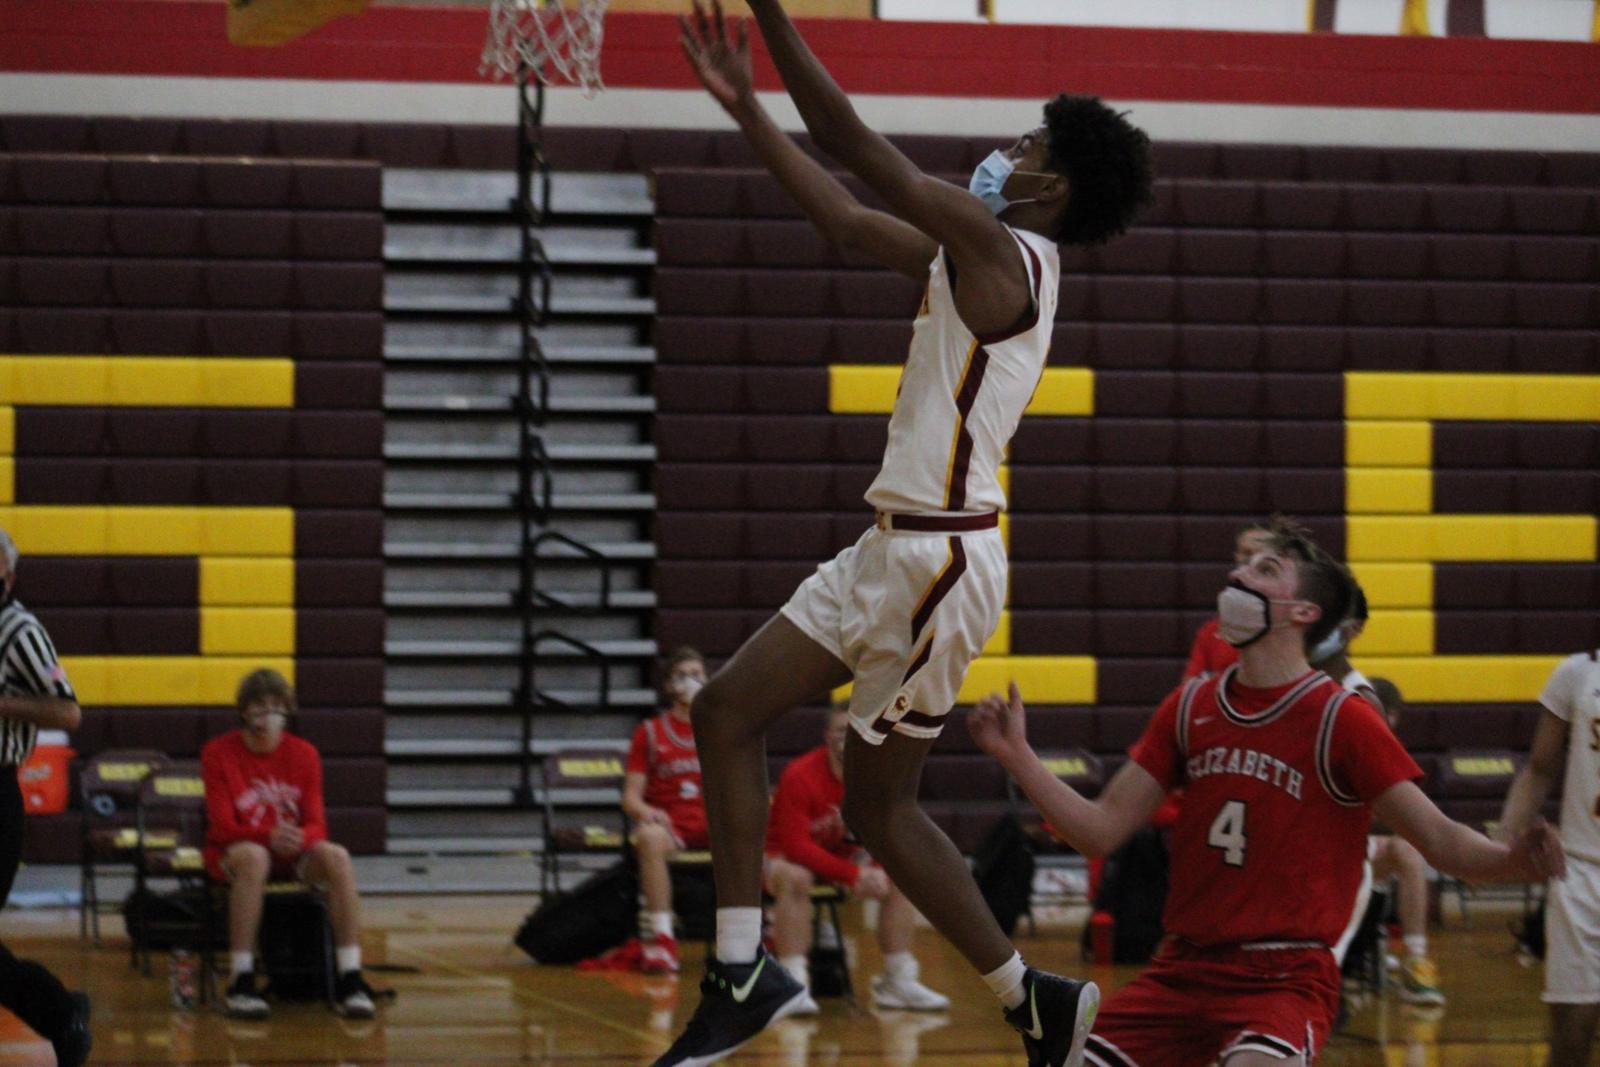 Photo Gallery: Boys Varsity Basketball vs. Elizabeth